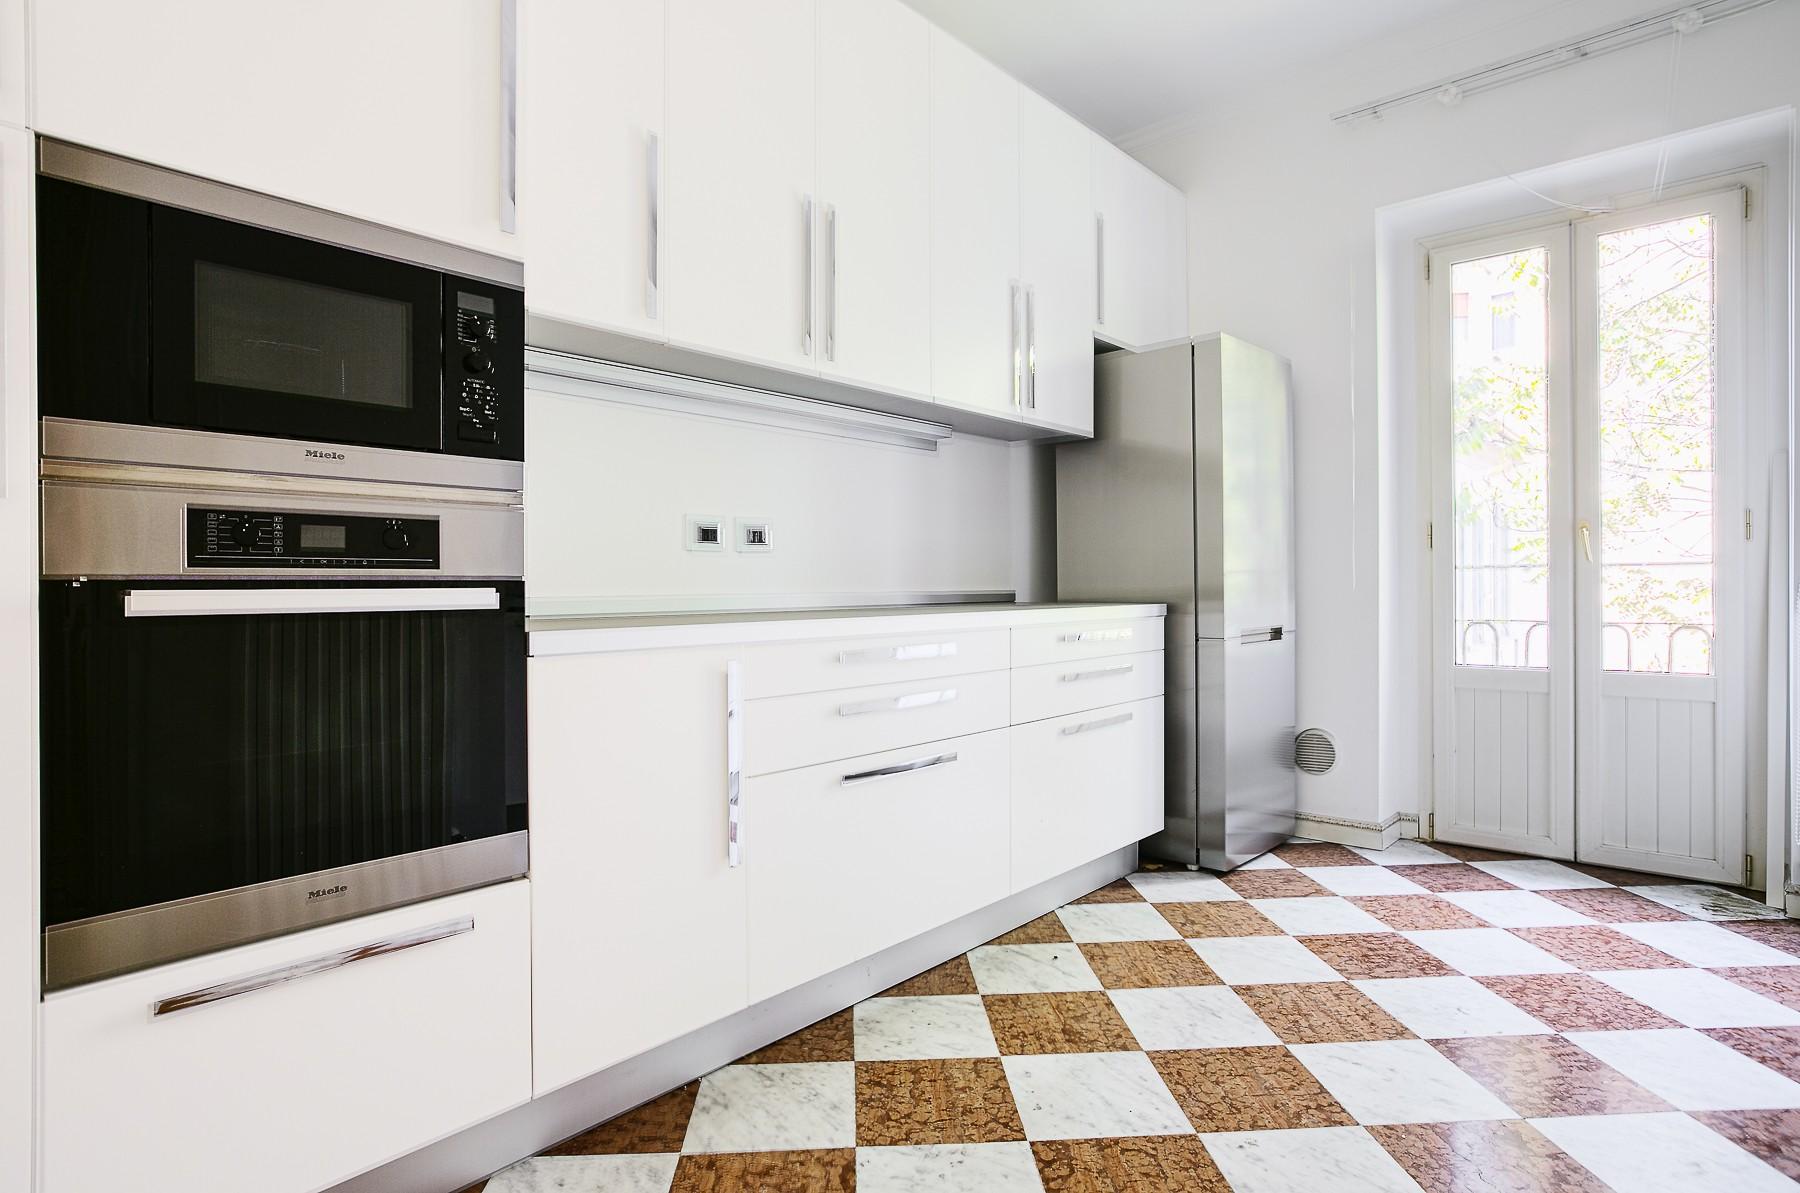 Appartamento di lusso in affitto a milano via san martino for Appartamento design affitto milano